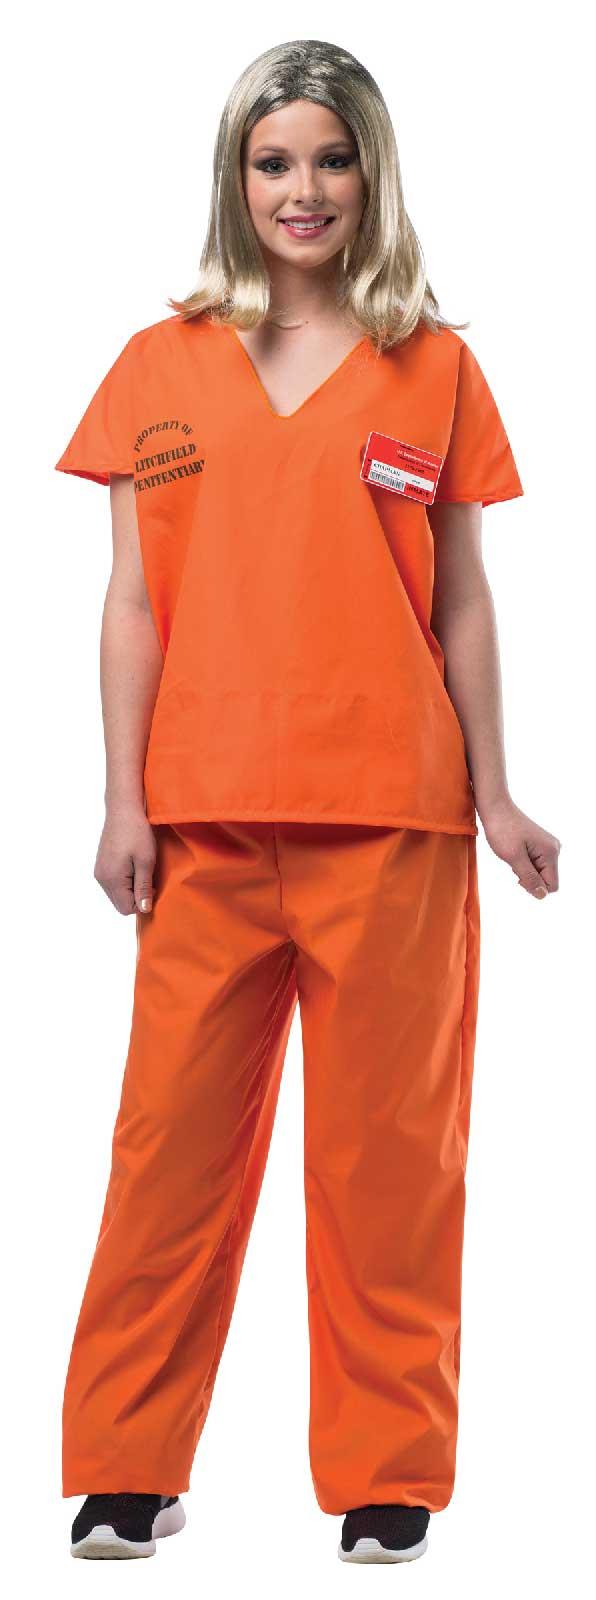 Orange Prisoner Jumpsuit | BuyCostumes.com